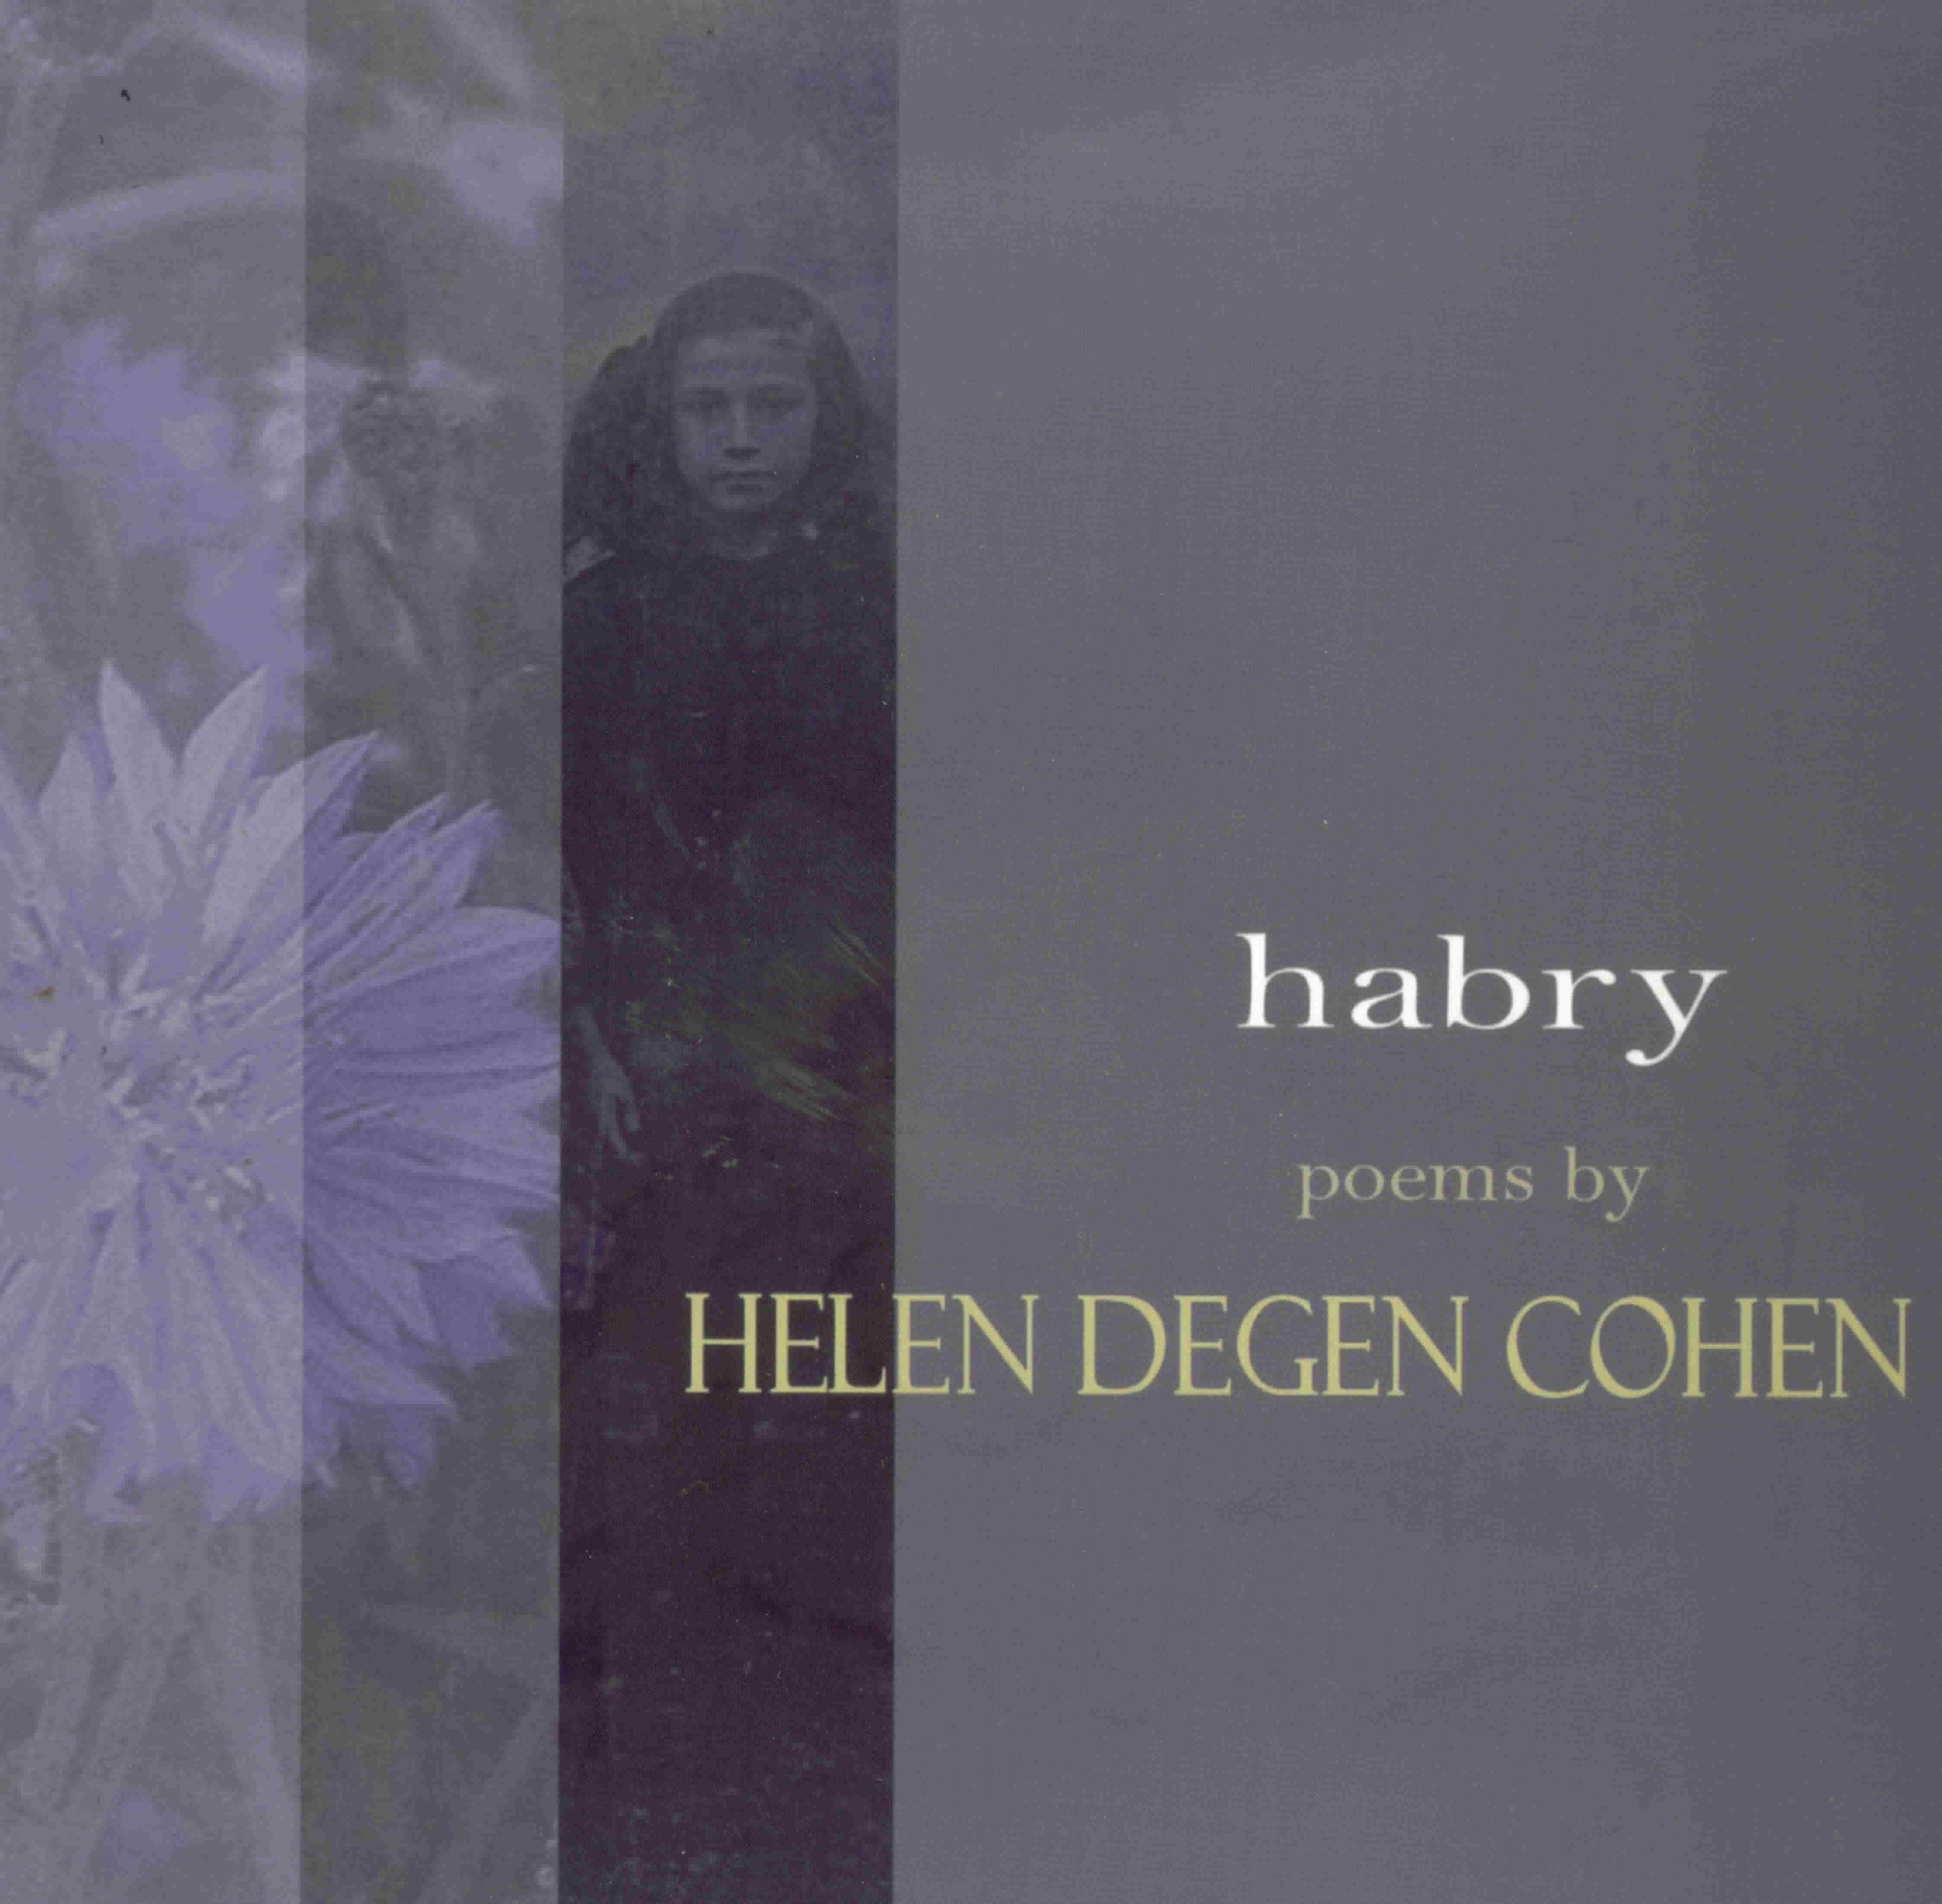 Habry by Helen Degen Cohen